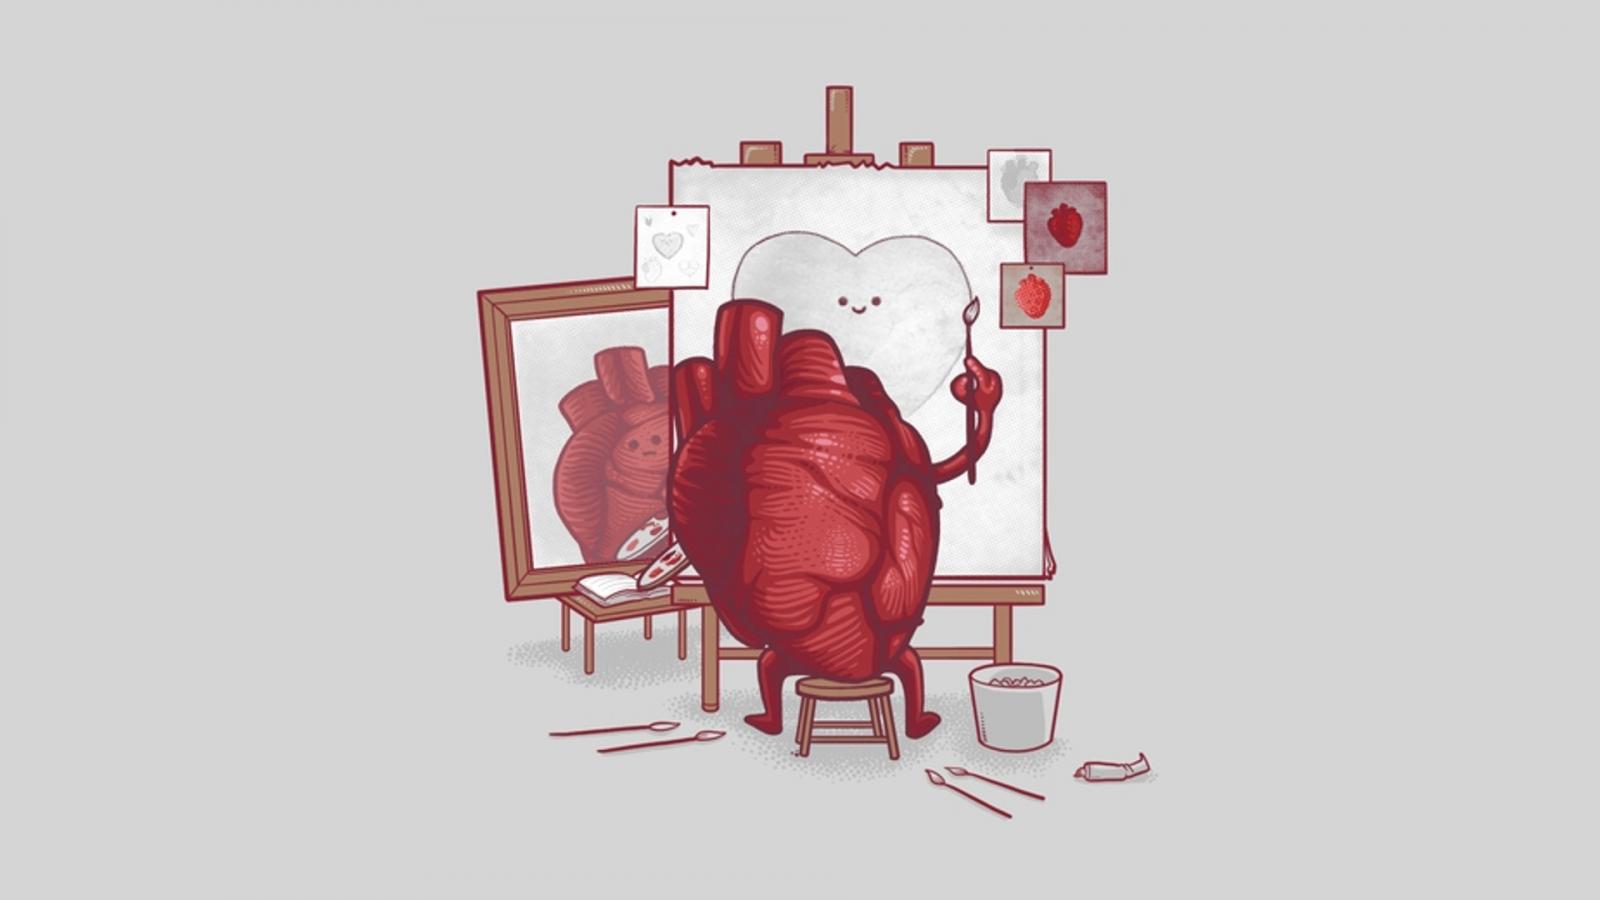 Анатомия прикольные картинки